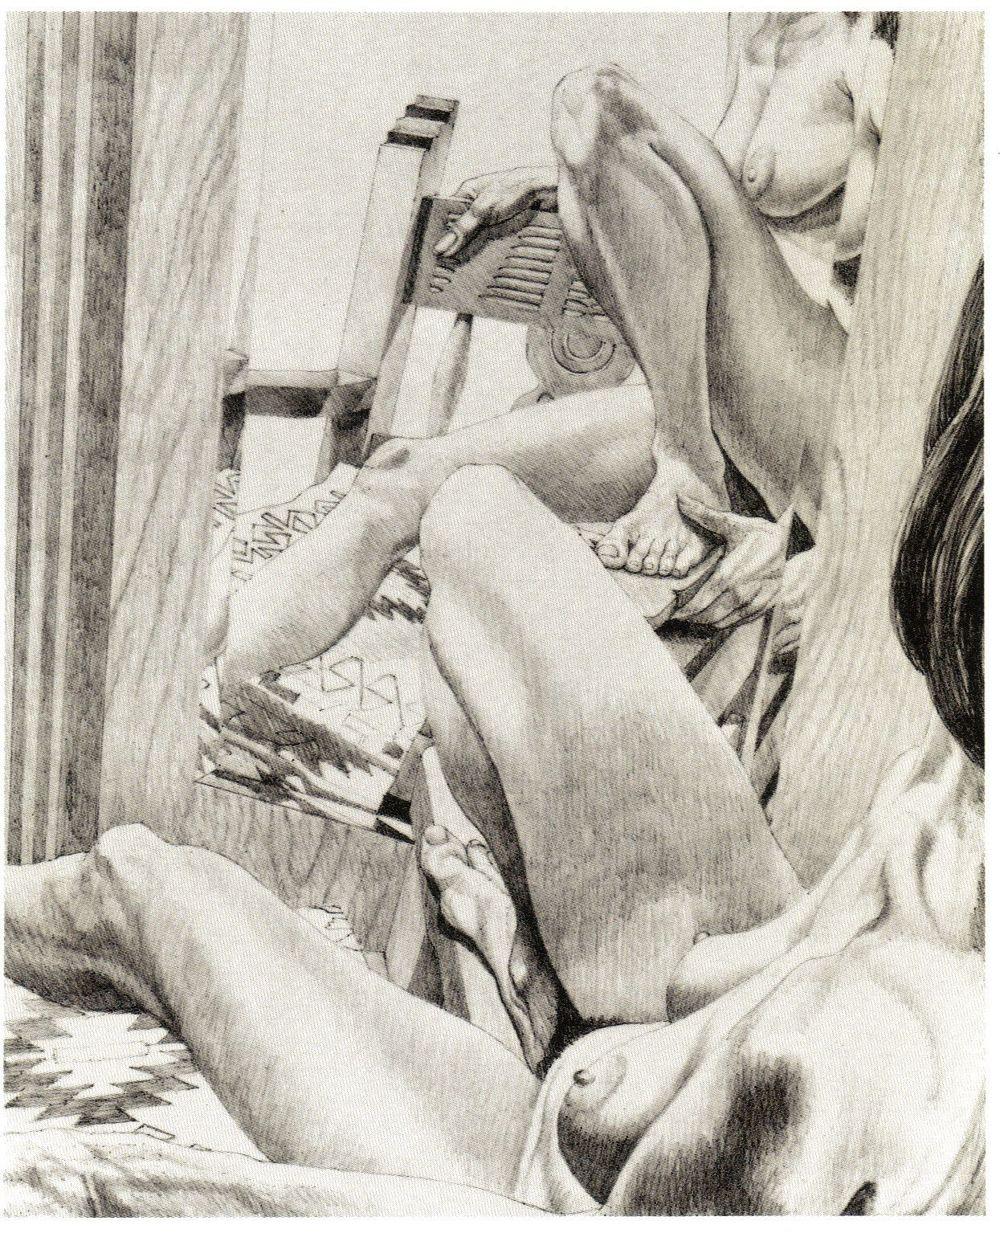 1983, Fiesta Nude (state II), Lithograph, 25.25x20.5.jpg